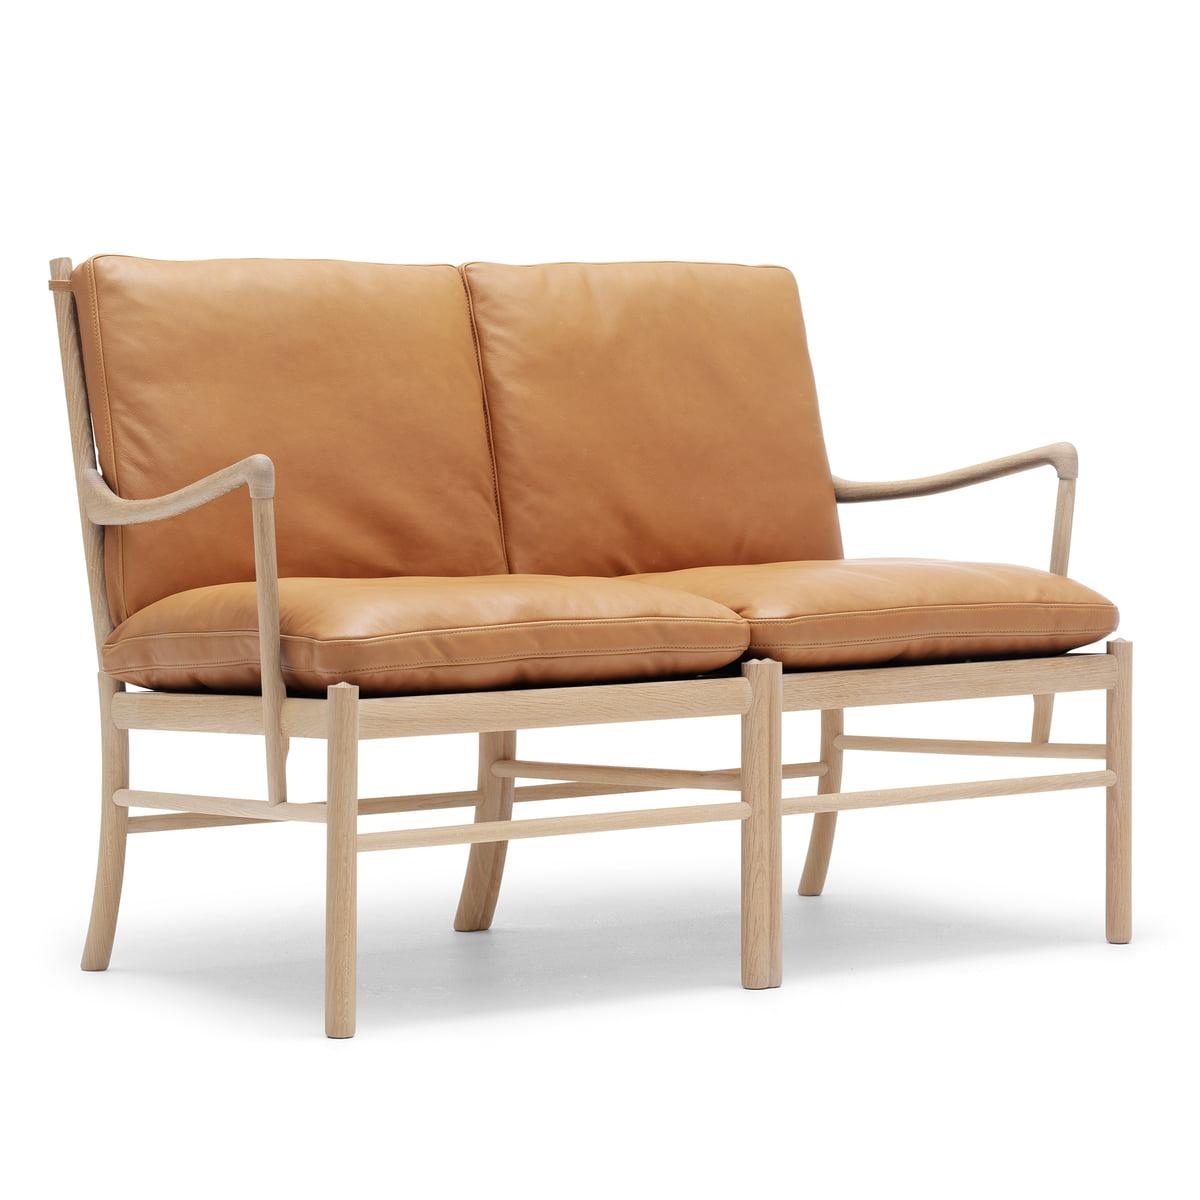 Colonial Sofa von Carl Hansen im Shop kaufen